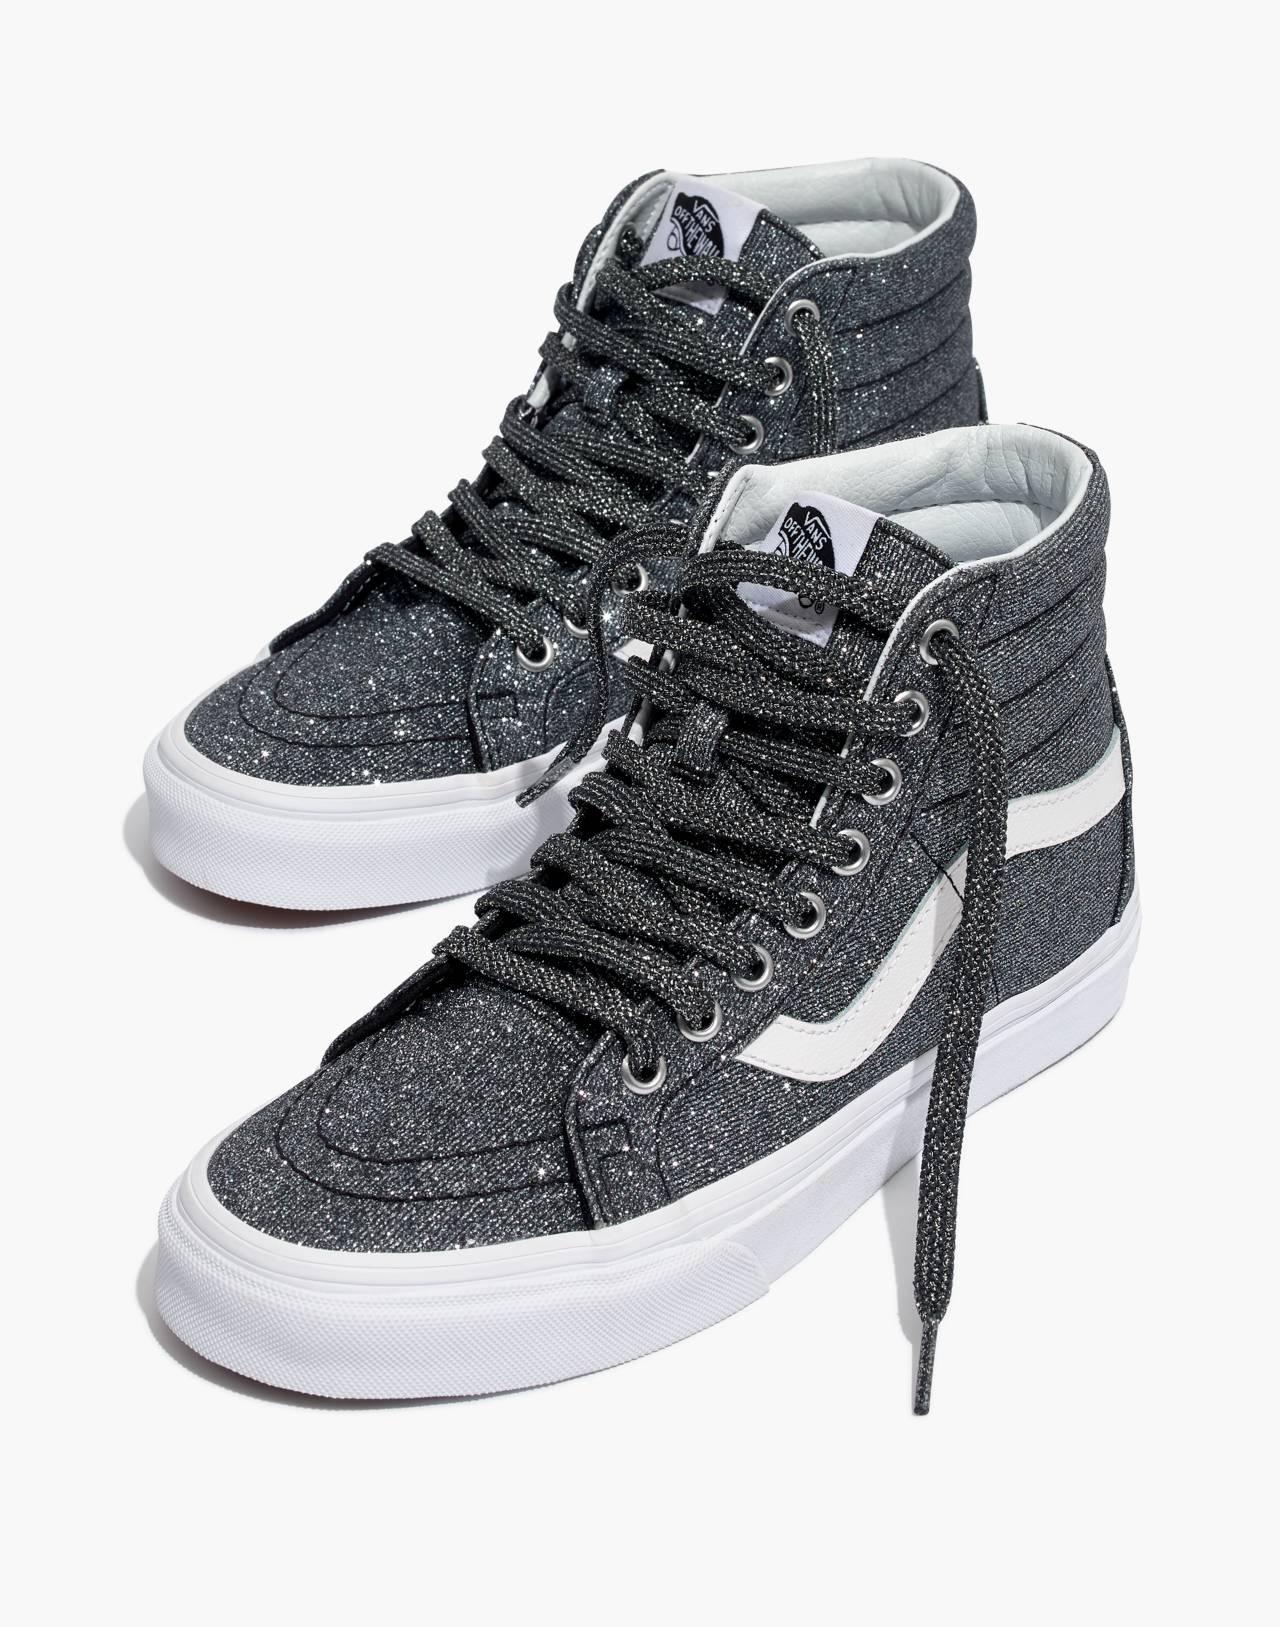 Vans® Unisex SK8-Hi Reissue High-Top Sneakers in Black Glitter in black image 1